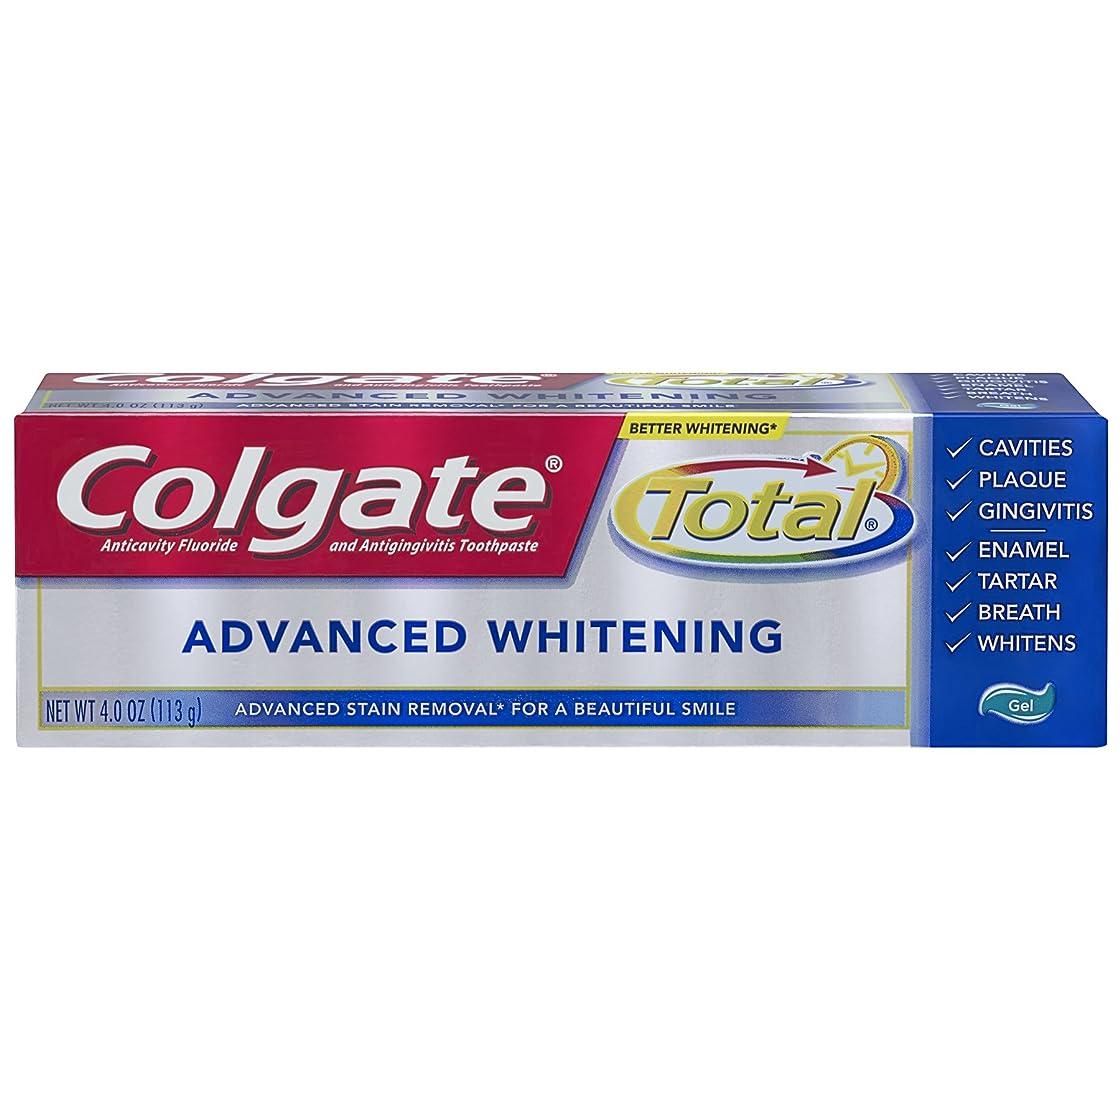 間違えた寝室を掃除するのどColgate 総アドバンストホワイトニングジェル歯磨き - 4.0オンス(6パック)